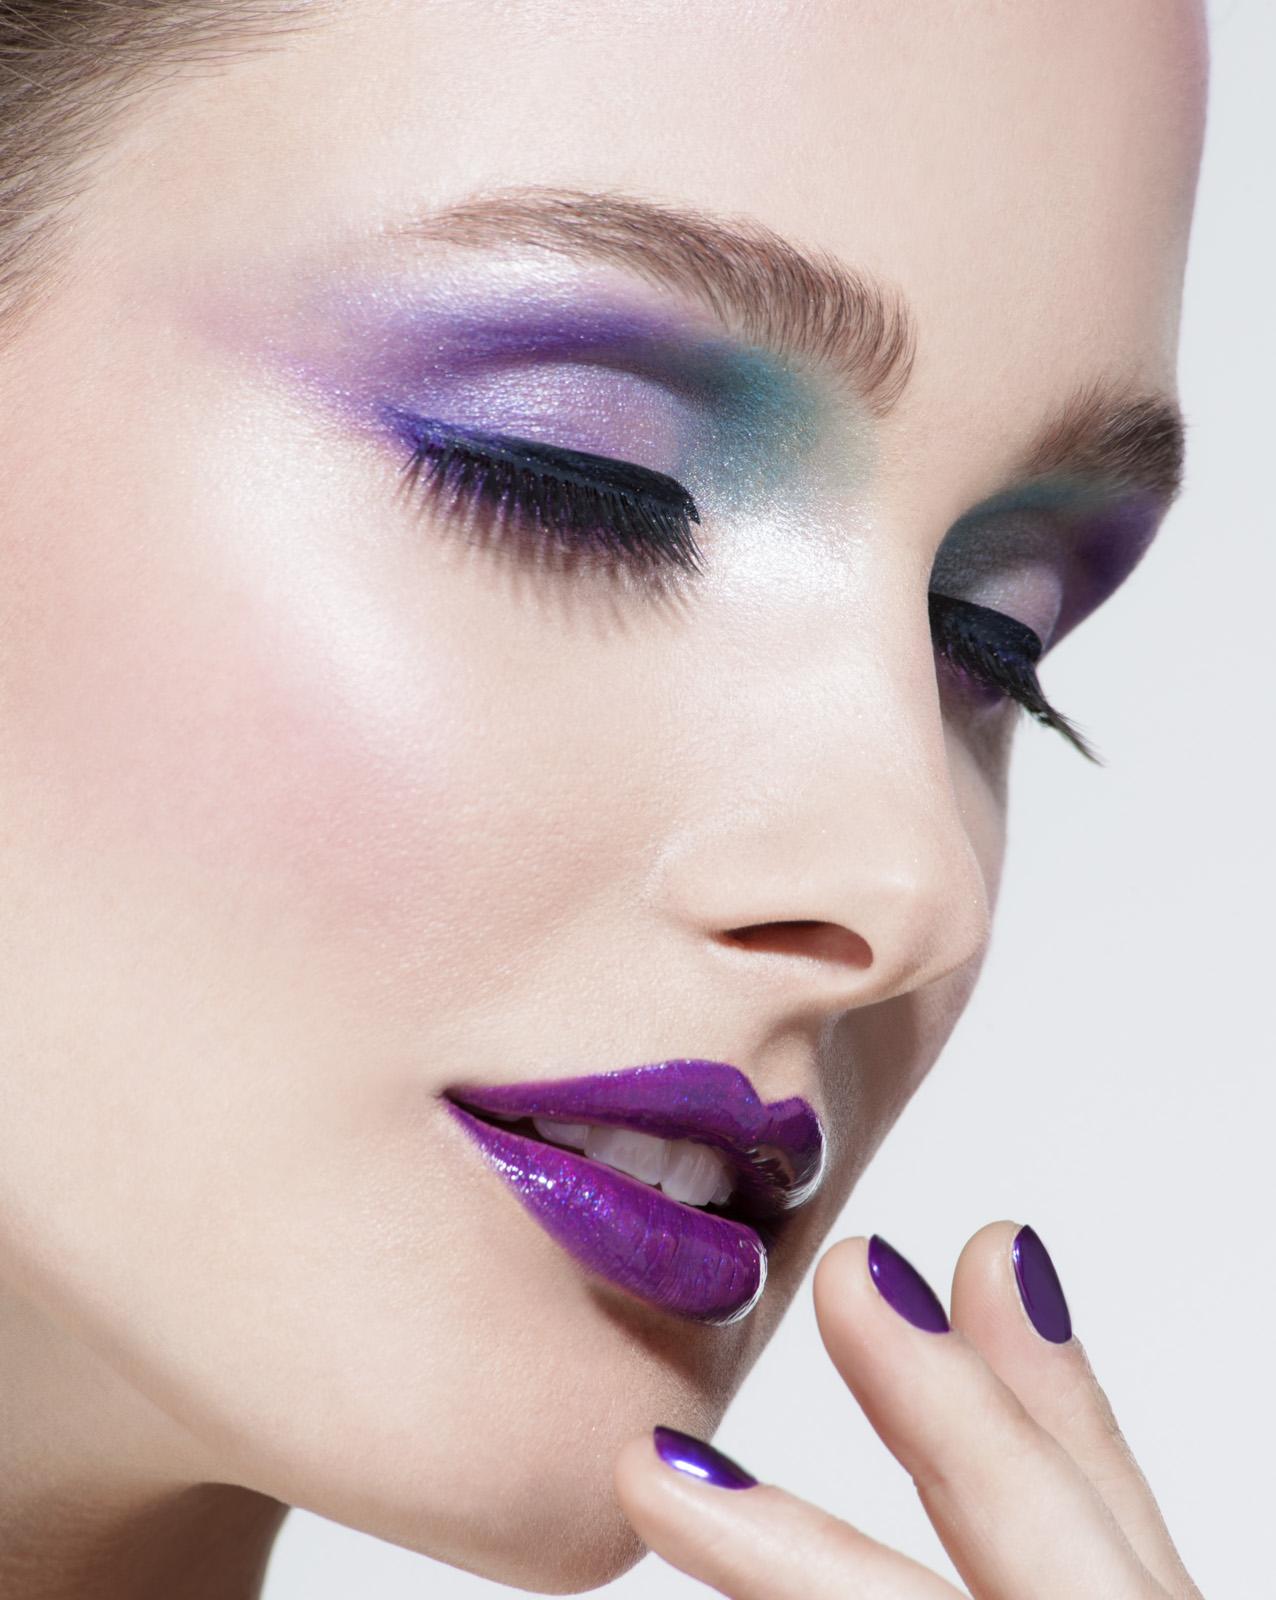 Preunic - Campaña Belleza